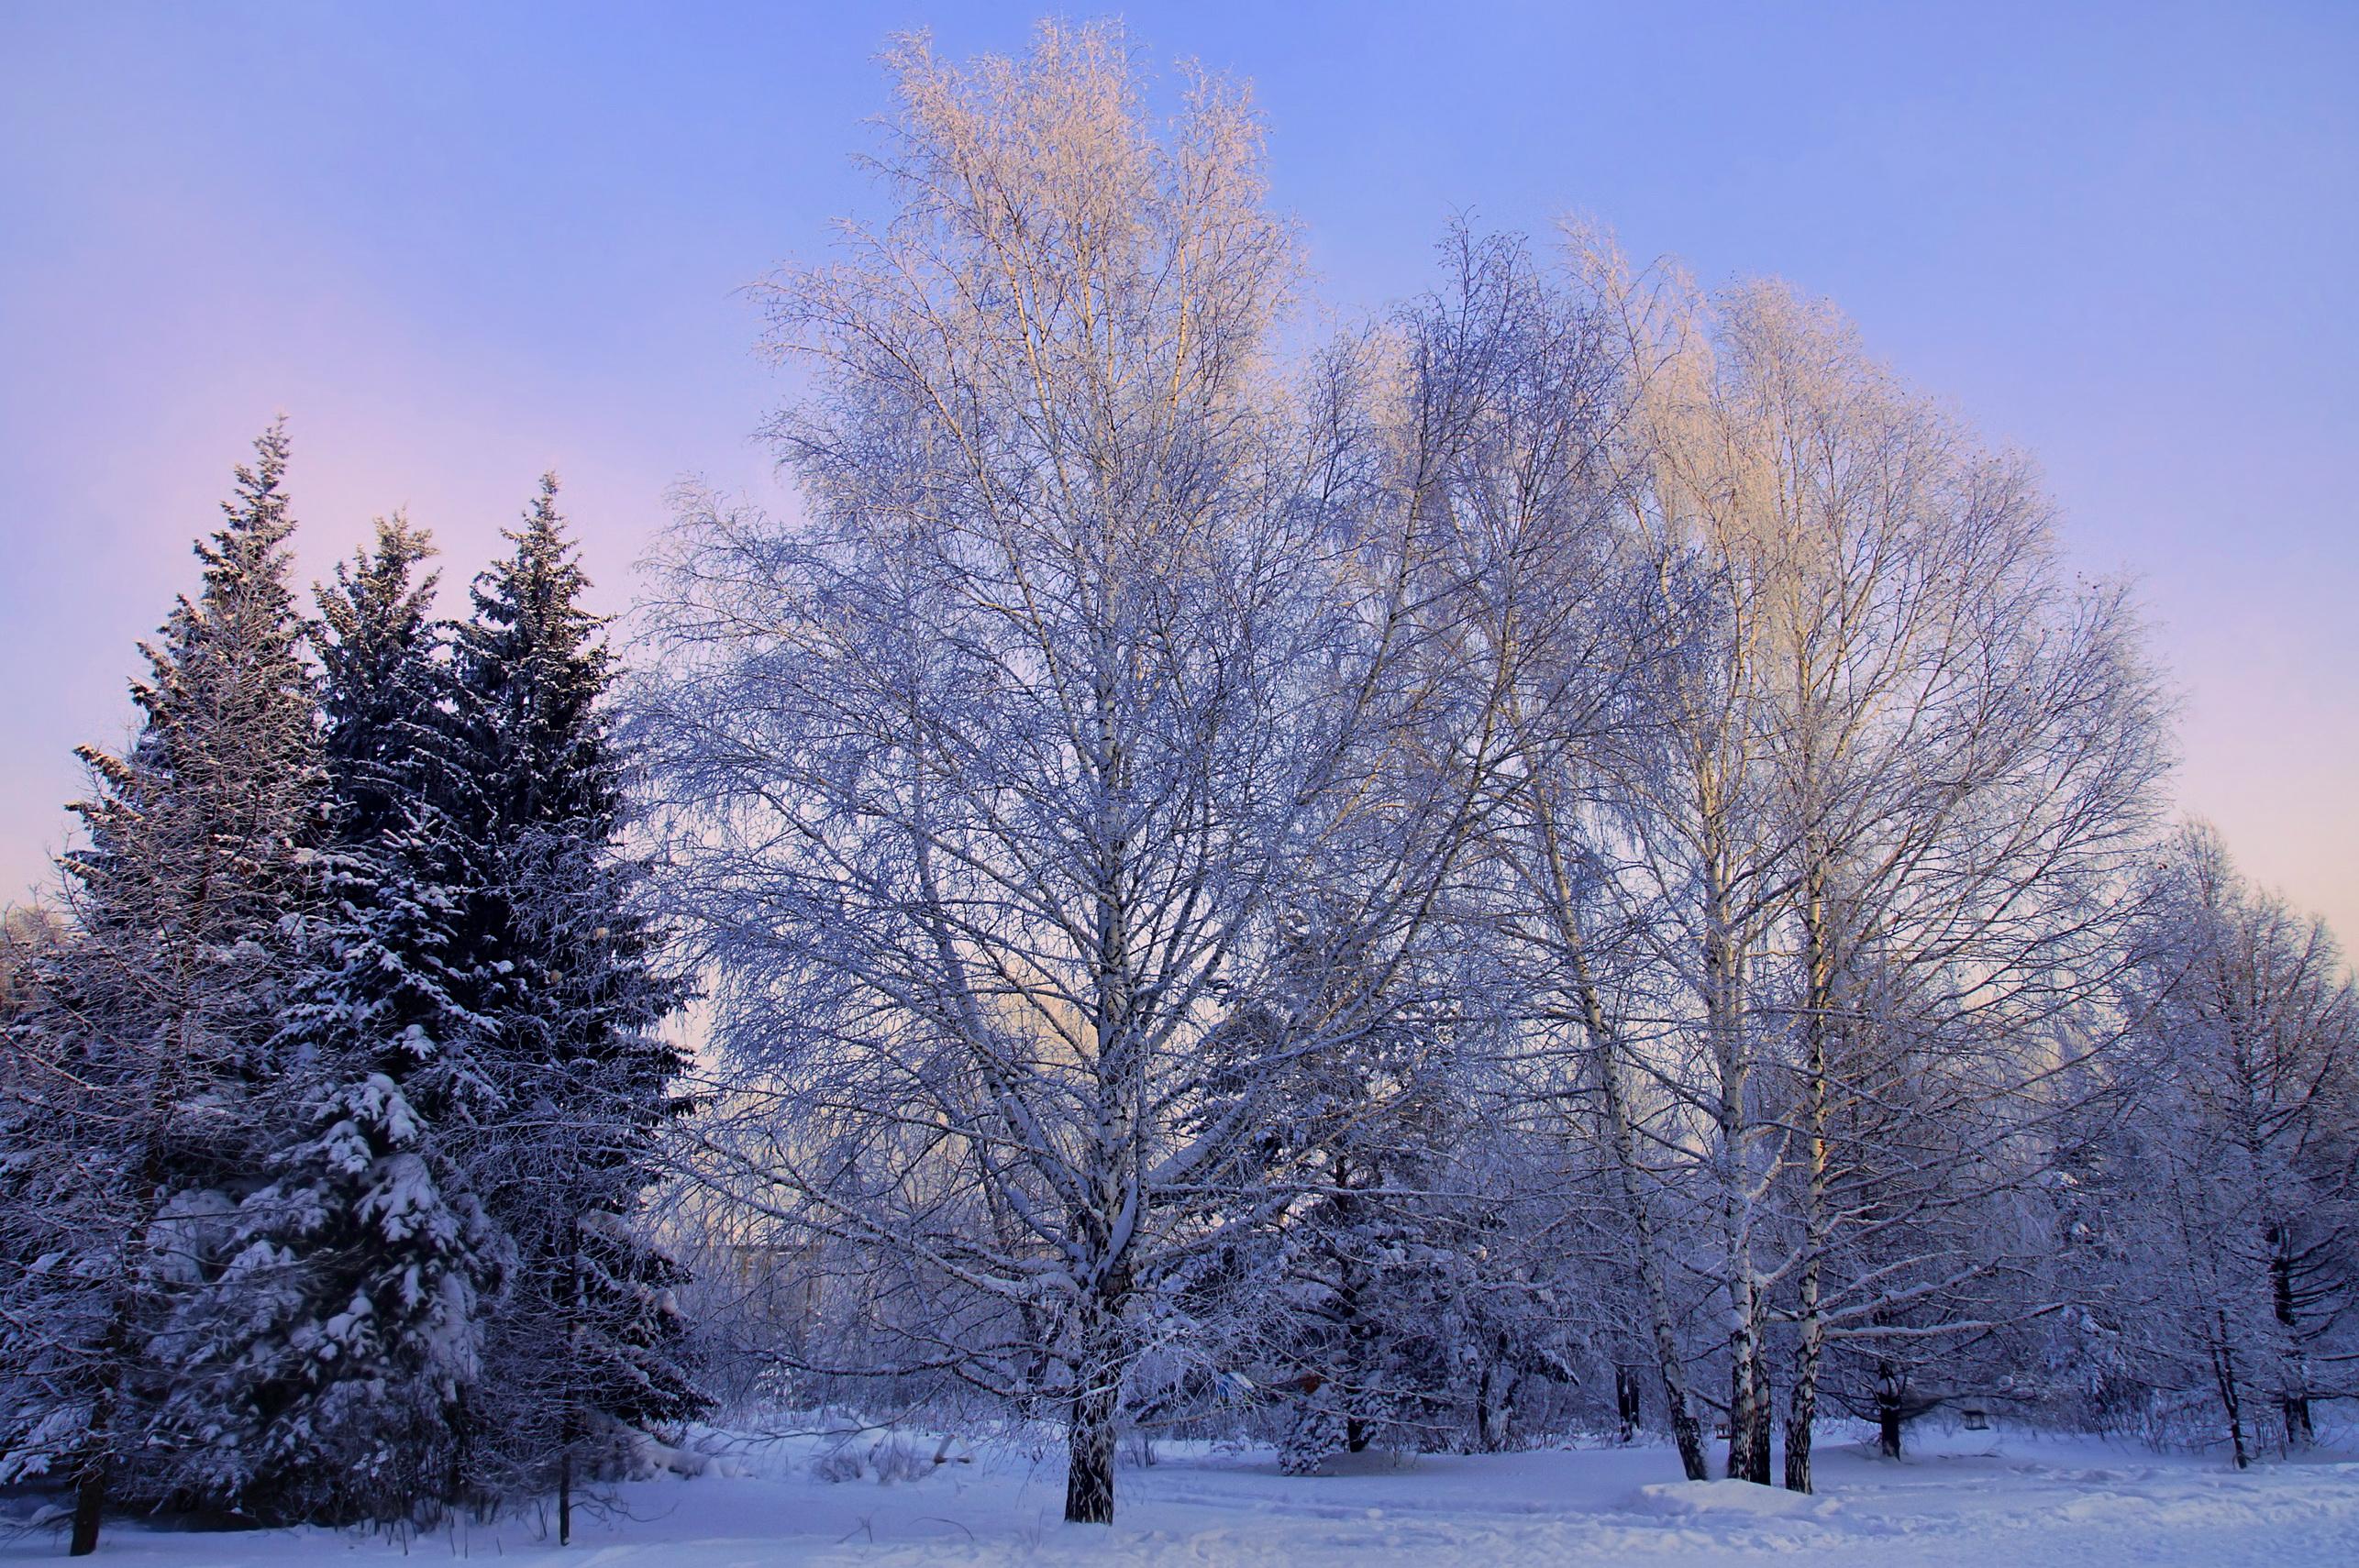 деревья природа ели снег зима бесплатно